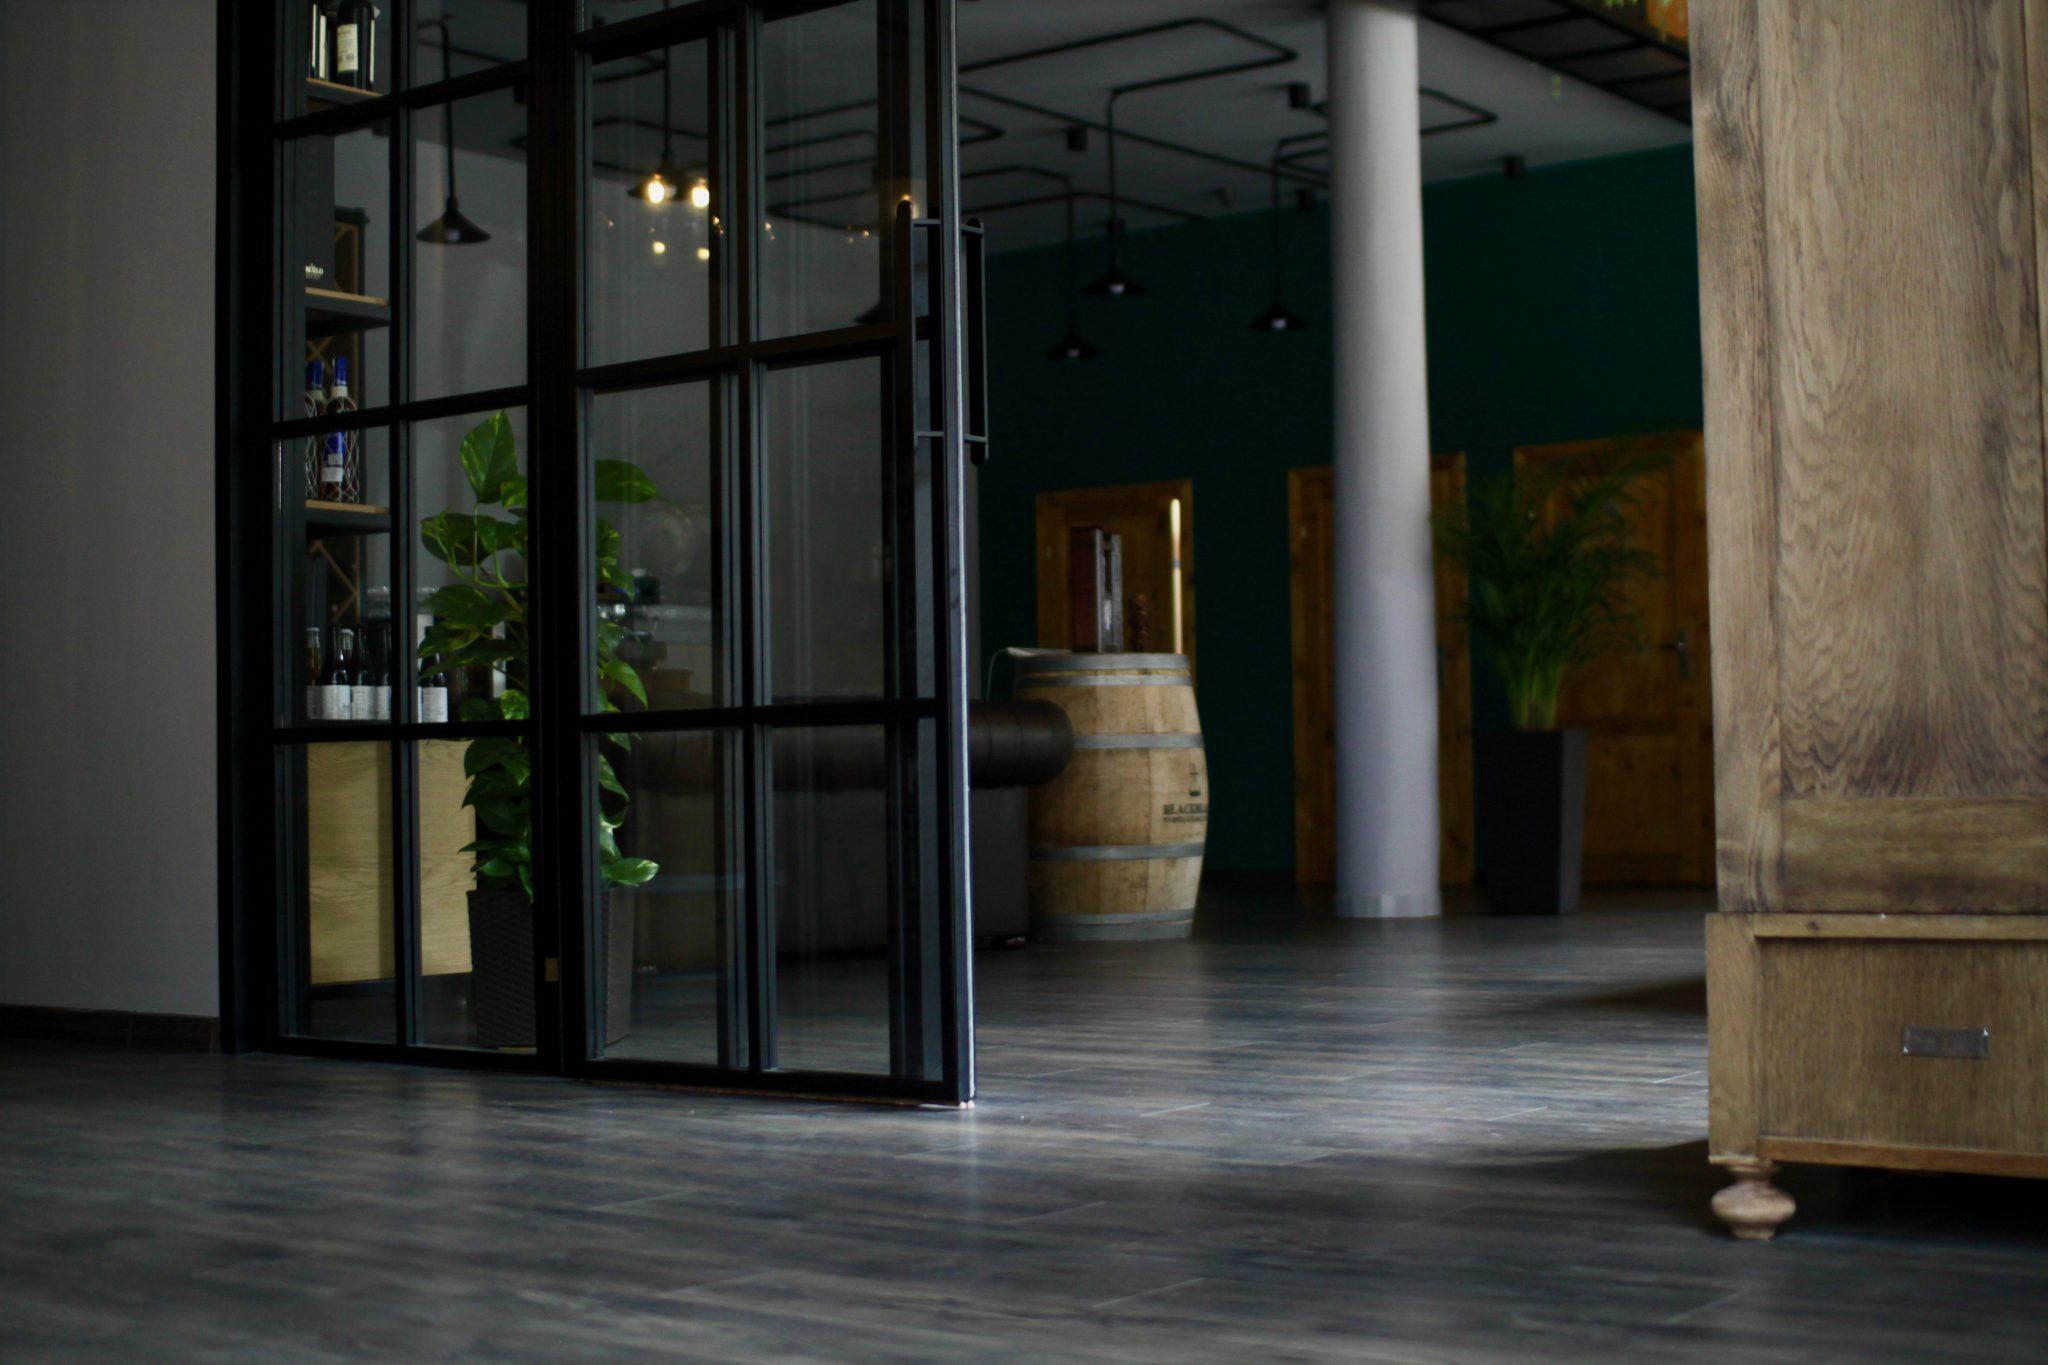 drzwi loftowe ściana loftowa drzwi industrialne ściana szklana drzwi przesuwneIcon Concept, drzwi kute, drzwi metalowe, drzwi metalowe loftowe, drzwi wewnętrzne, wrocław, dolnośląskie, LOFT, drzwi loft, drzwi metalowe loft, kowalstwo, okna metalowe industrialne, witryny metalowe industrialne